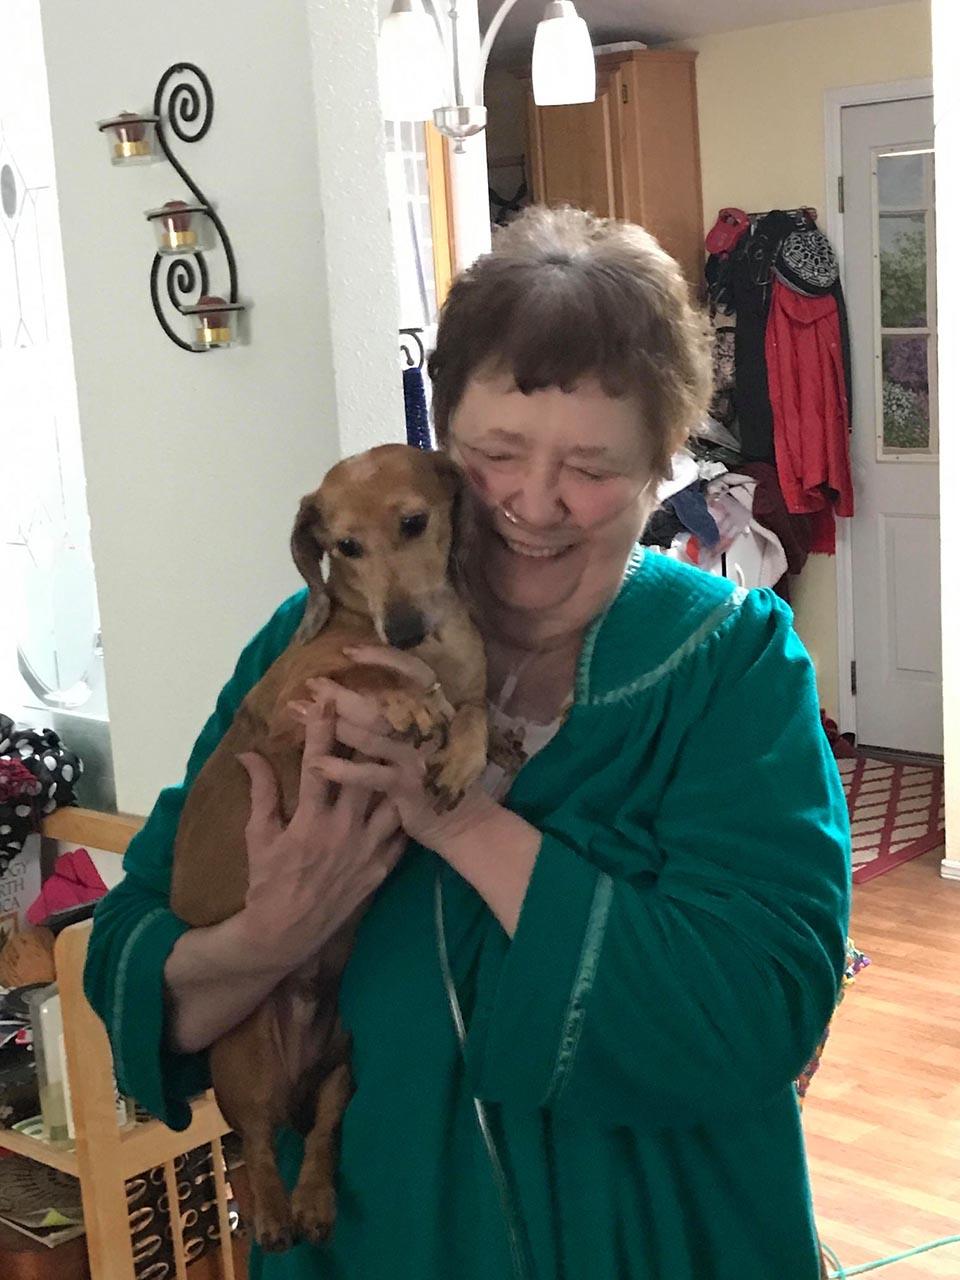 Señora abraza a perrito